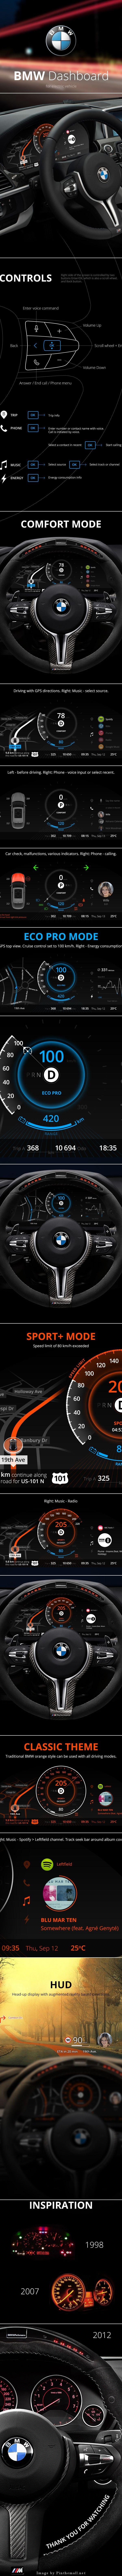 https://www.behance.net/gallery/12354511/BMW-Car-Dashboard-Design - created via http://pinthemall.net